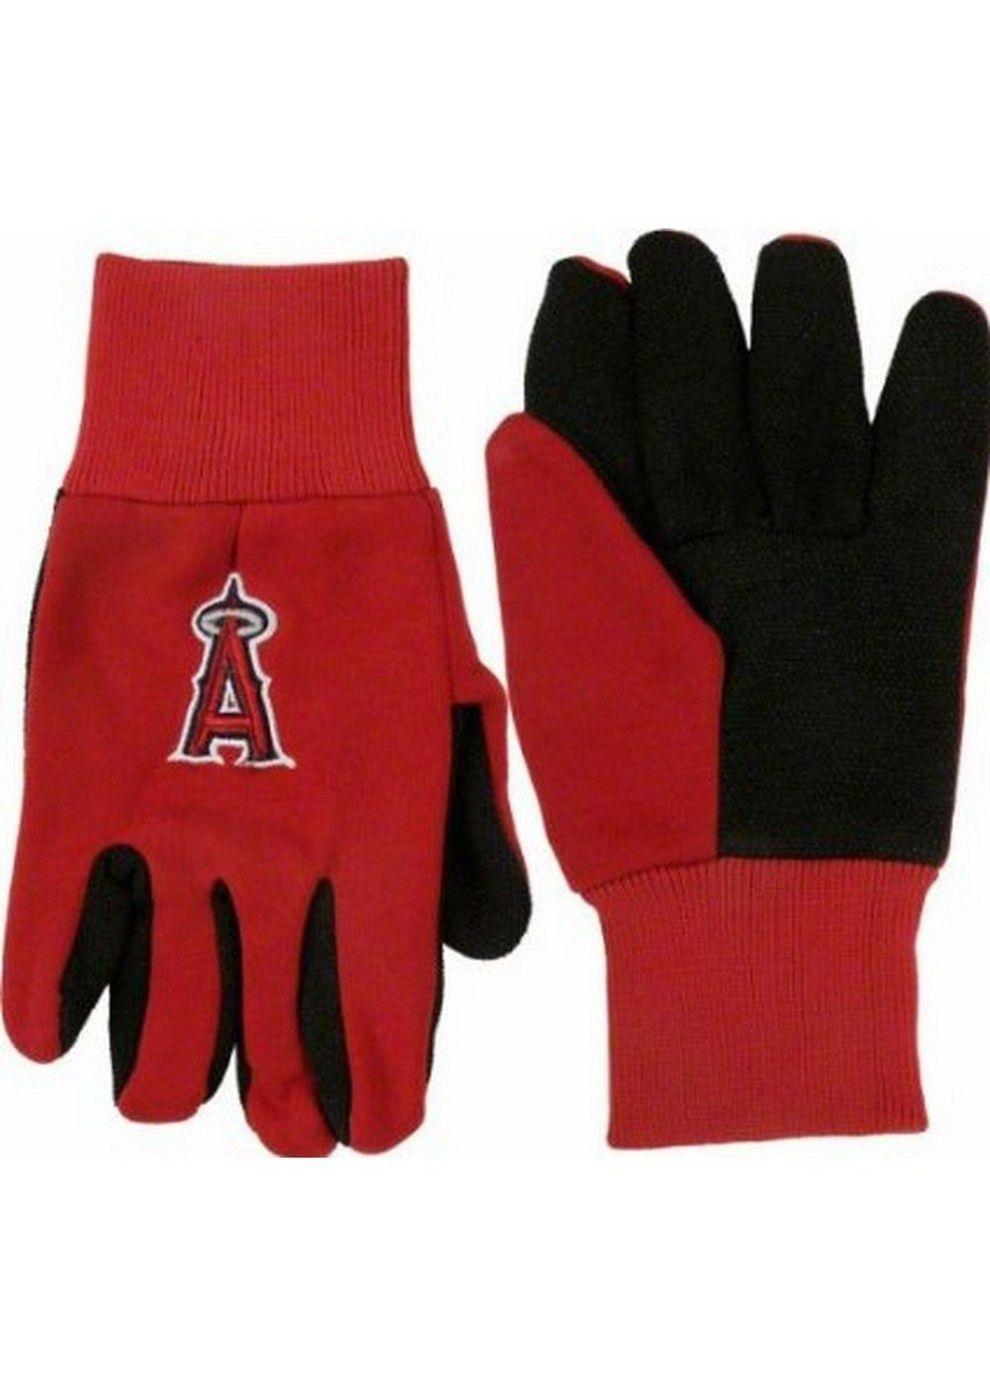 Los Angeles Angels Team Work Gloves